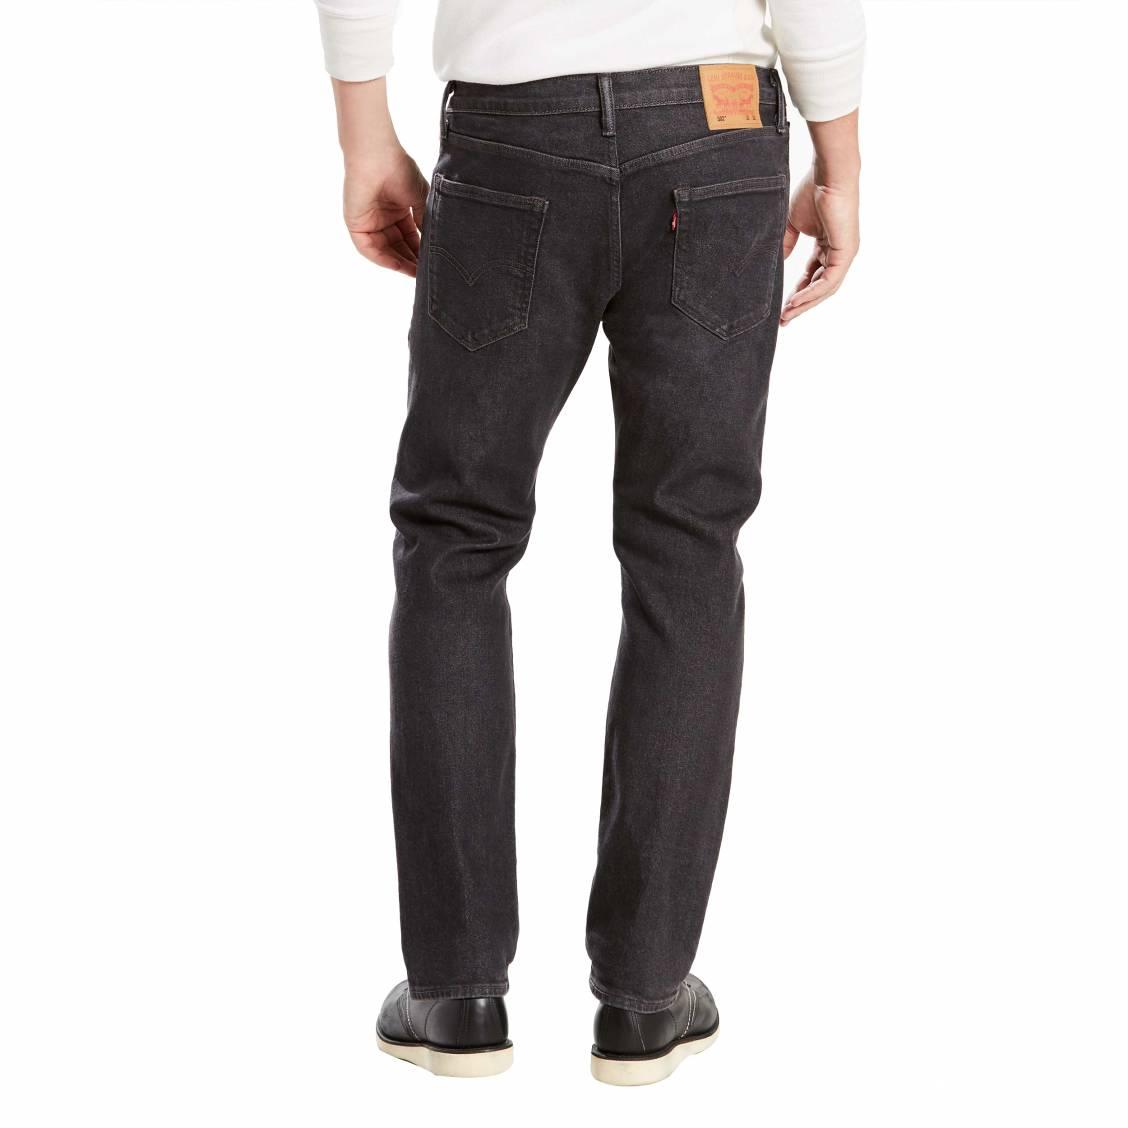 62c212d557c07 ... Jean 502 regular taper Levis en coton stretch noir chiné